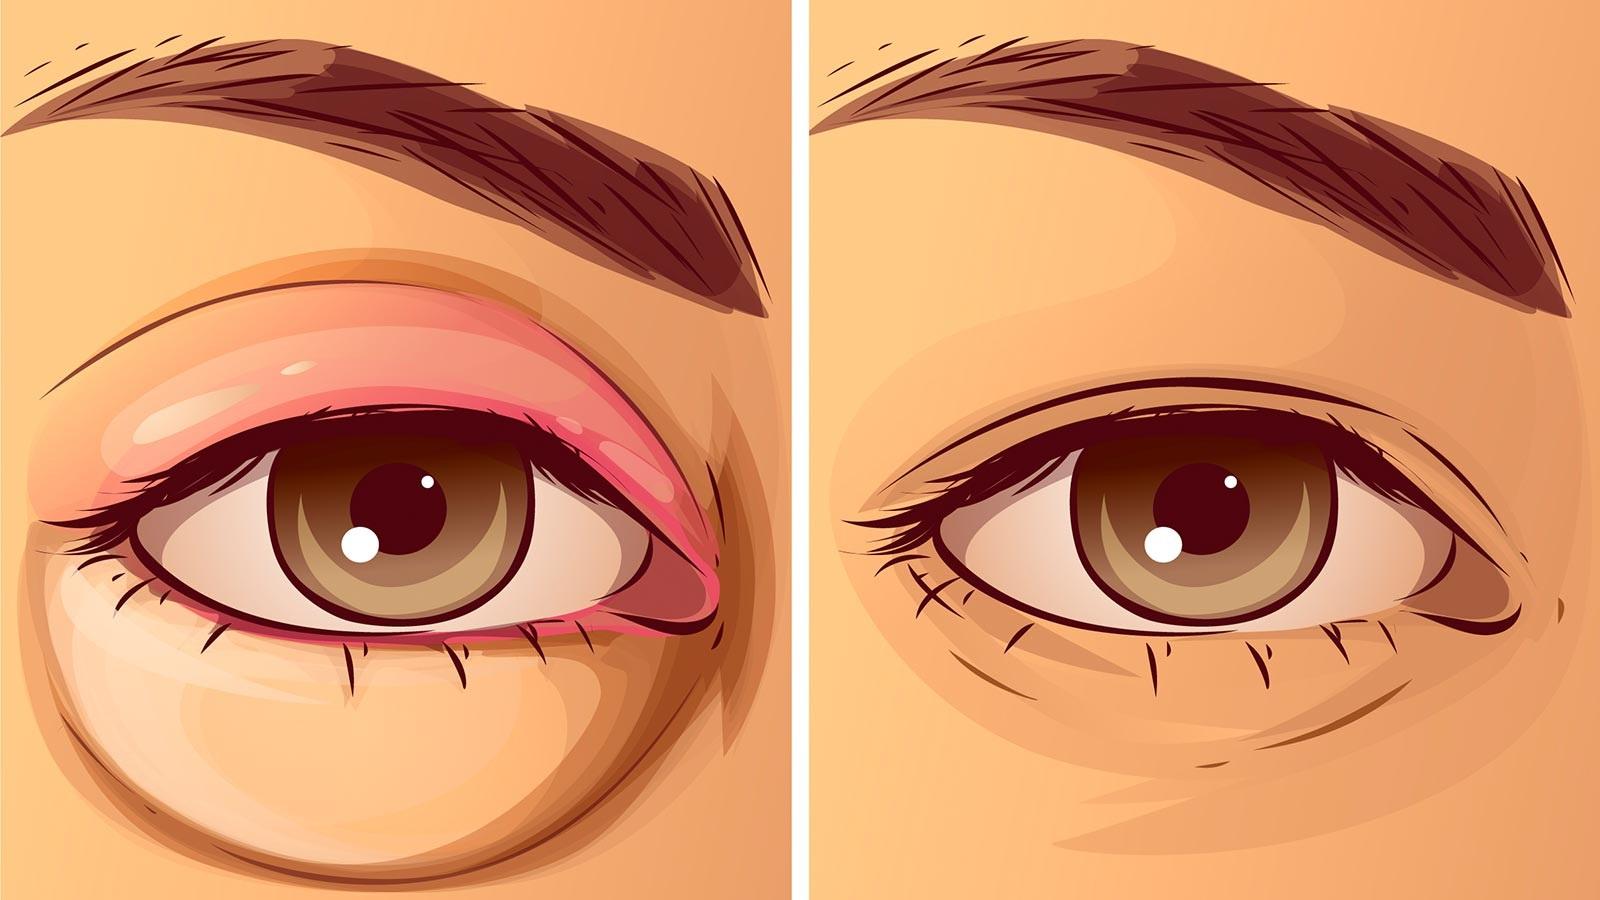 How to treat swollen eyelids?